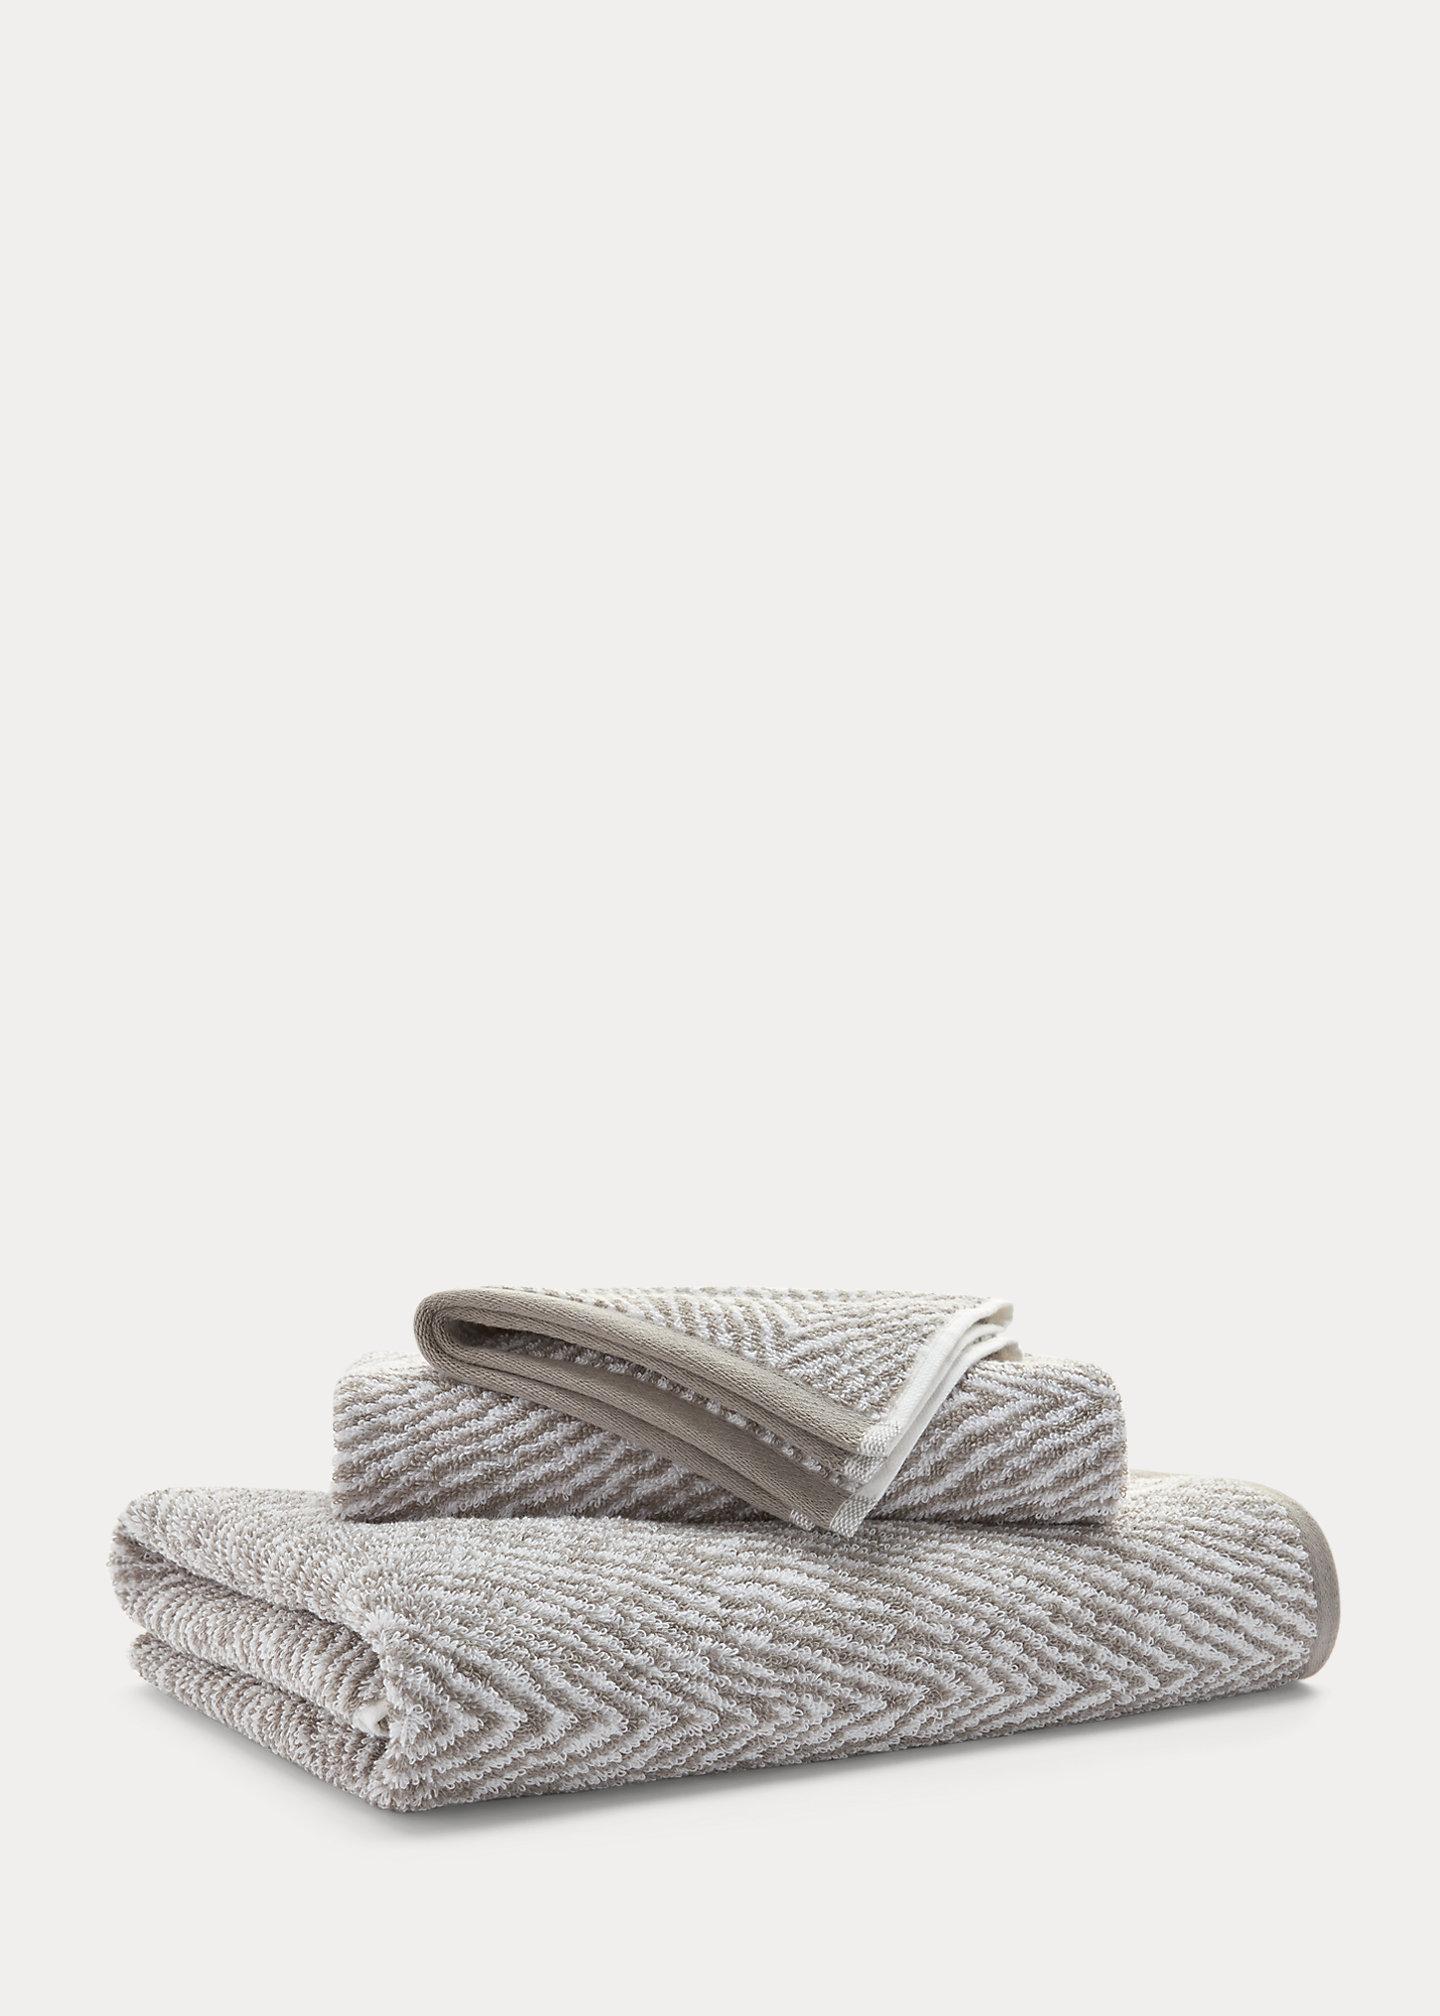 Lauren Home Sanders Herringbone Bath Towels